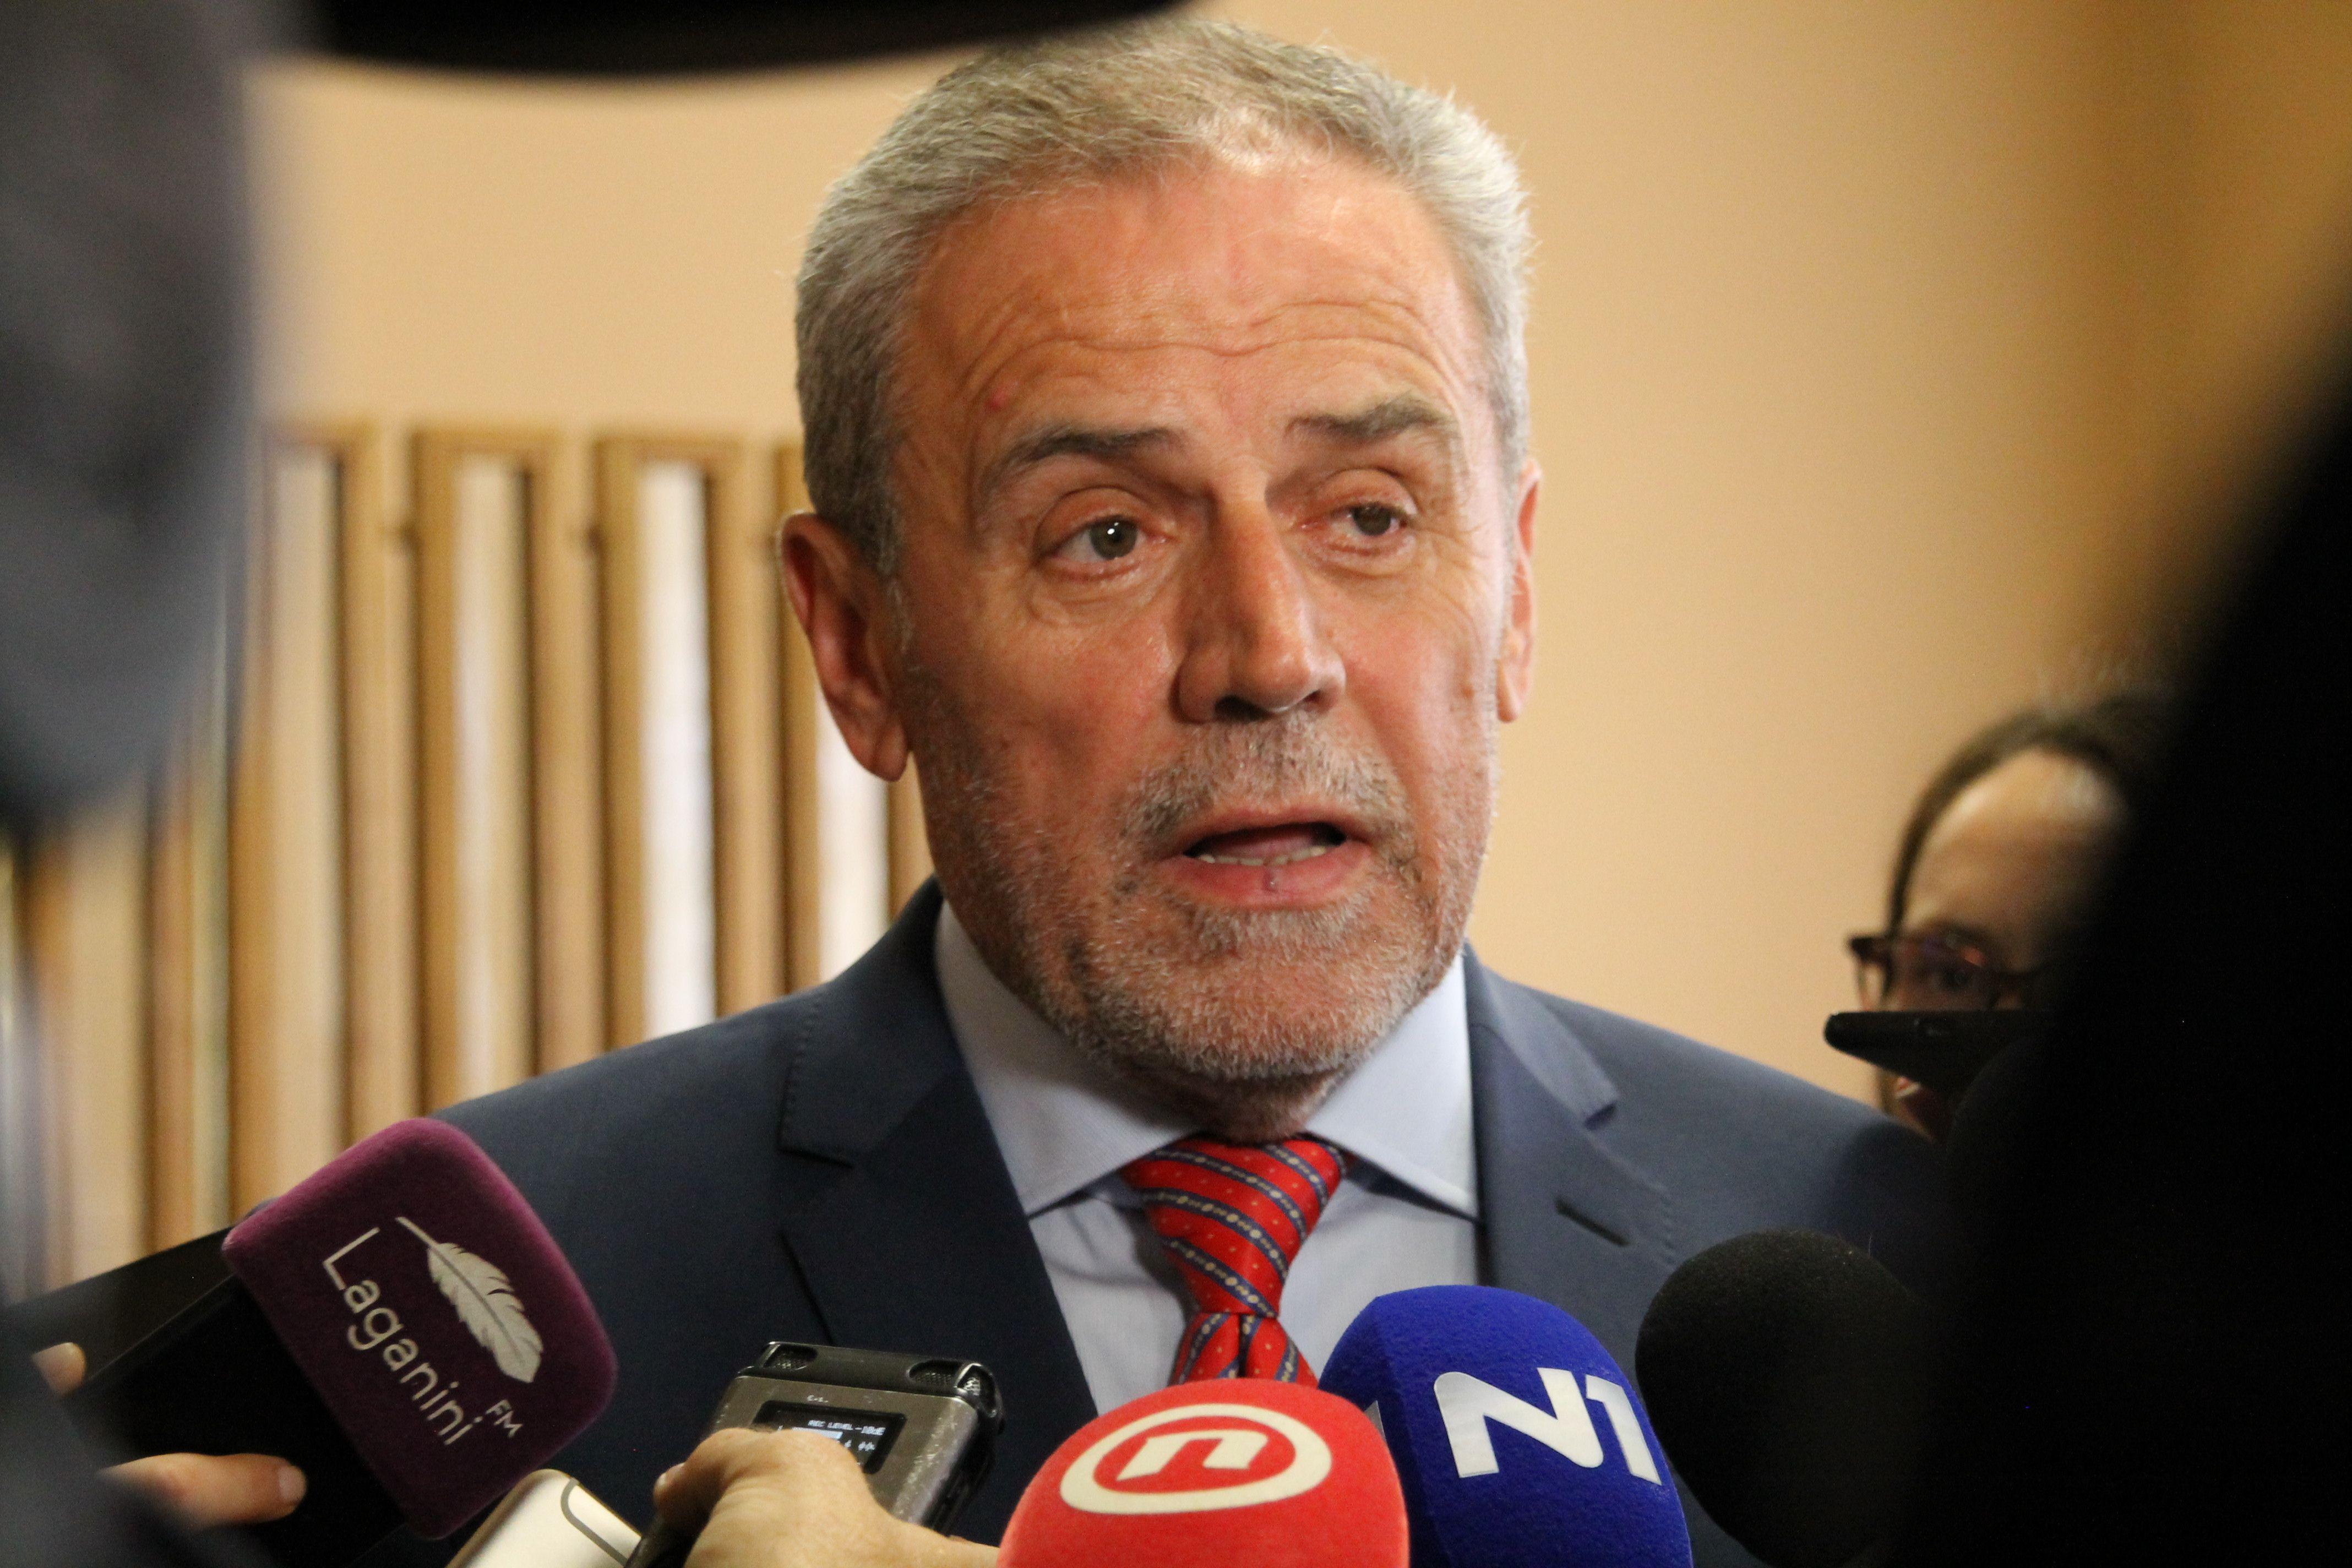 Bandić čestitao Dan neovisnosti: I danas trebamo zajedništvo i solidarnost kao ratne 1991.